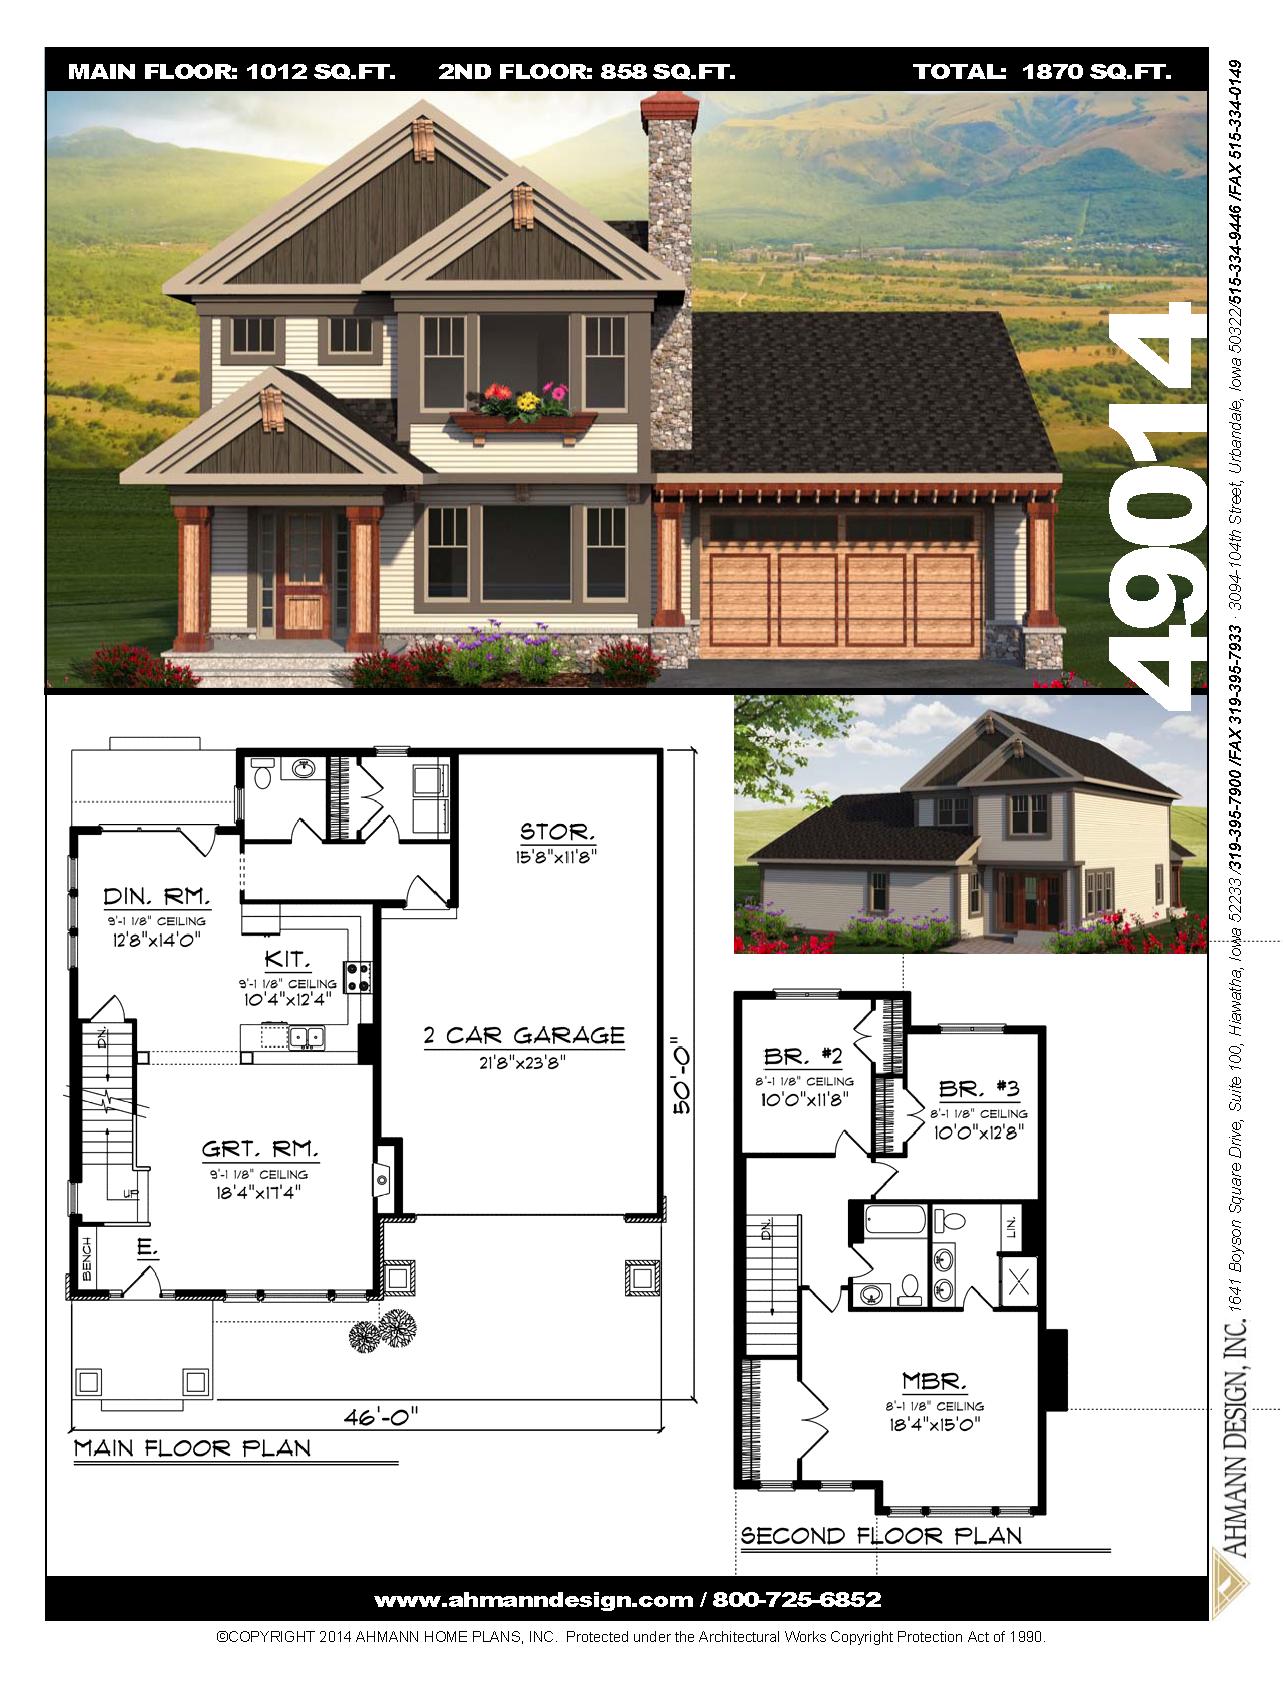 49014 Sims House Design House Plans Open Concept Floor Plans